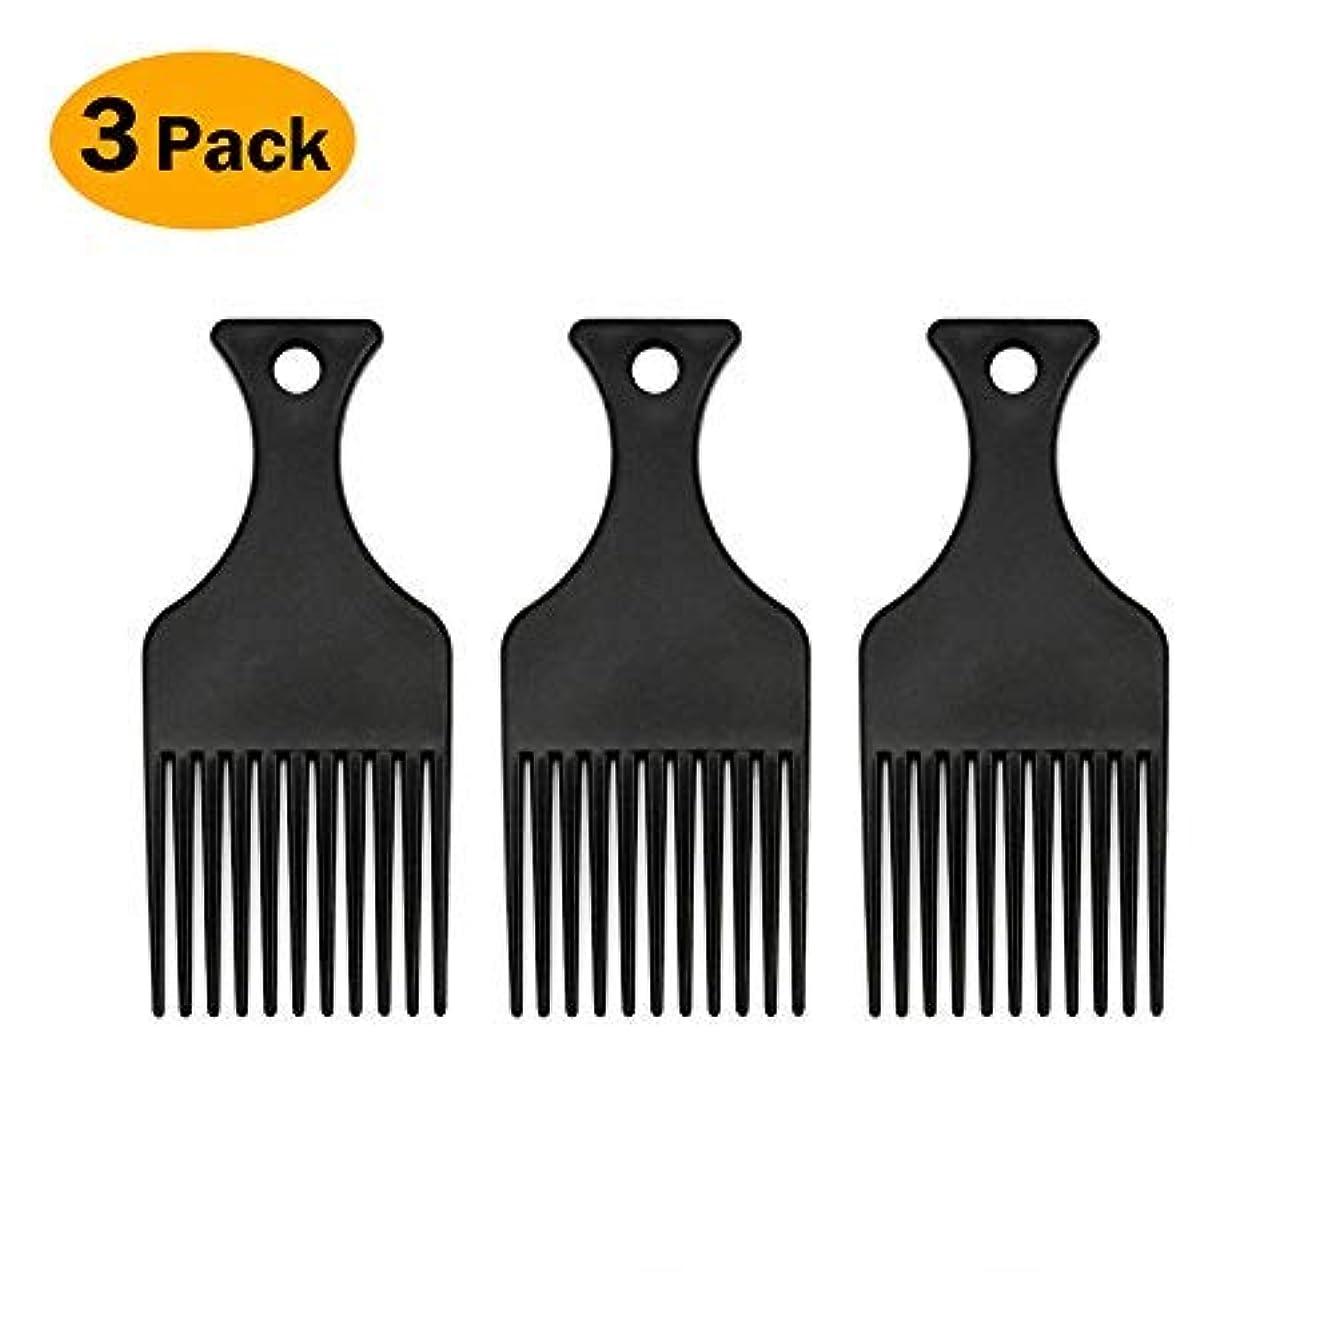 アクセススカープ見習いBewave Plastic Afro Pik Lift Hair Comb Detangle Wig Braid Black Man Styling Tool (3Pcs) (Small) [並行輸入品]